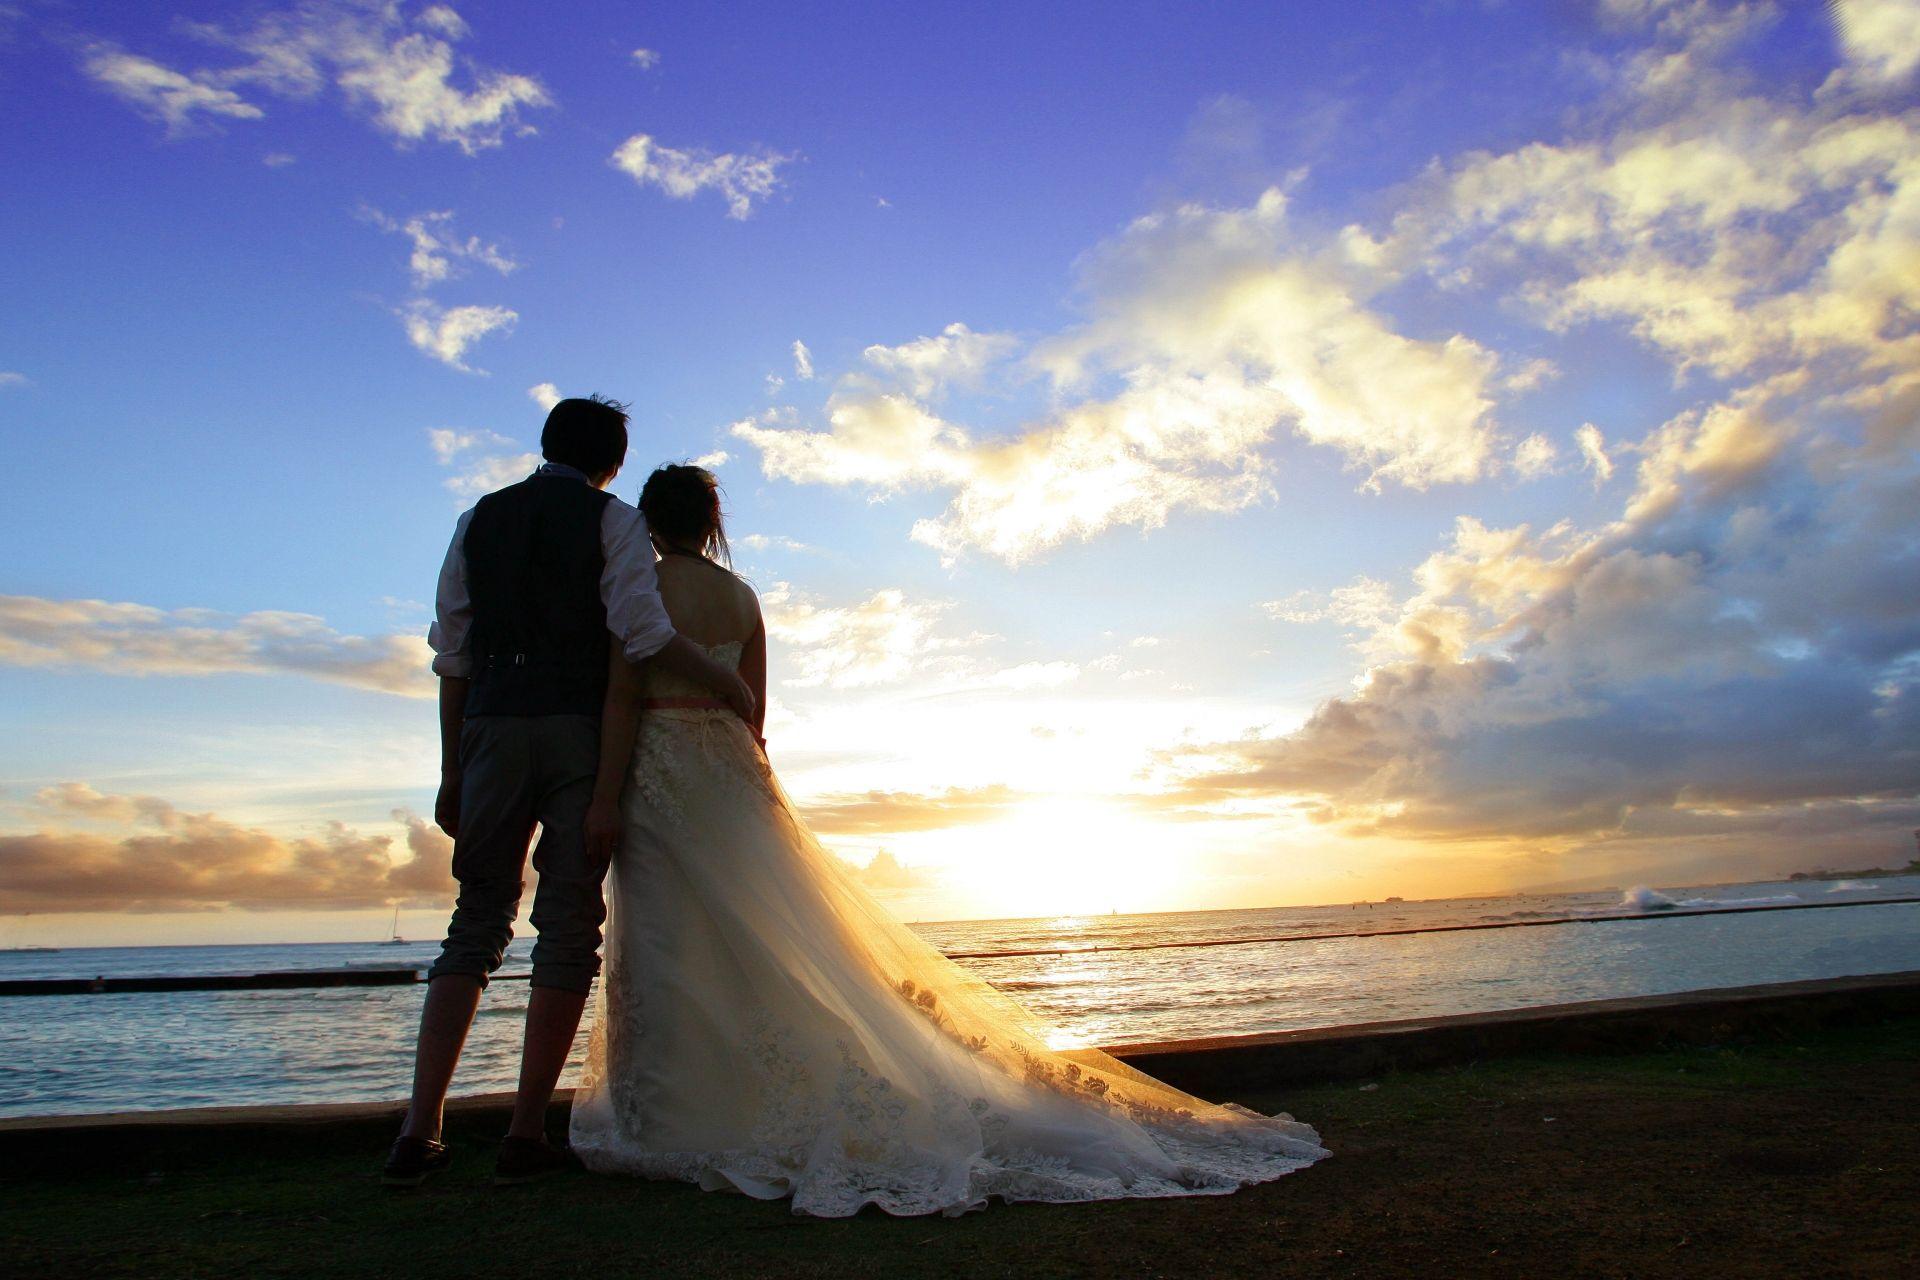 その後 結婚 バチェラー3